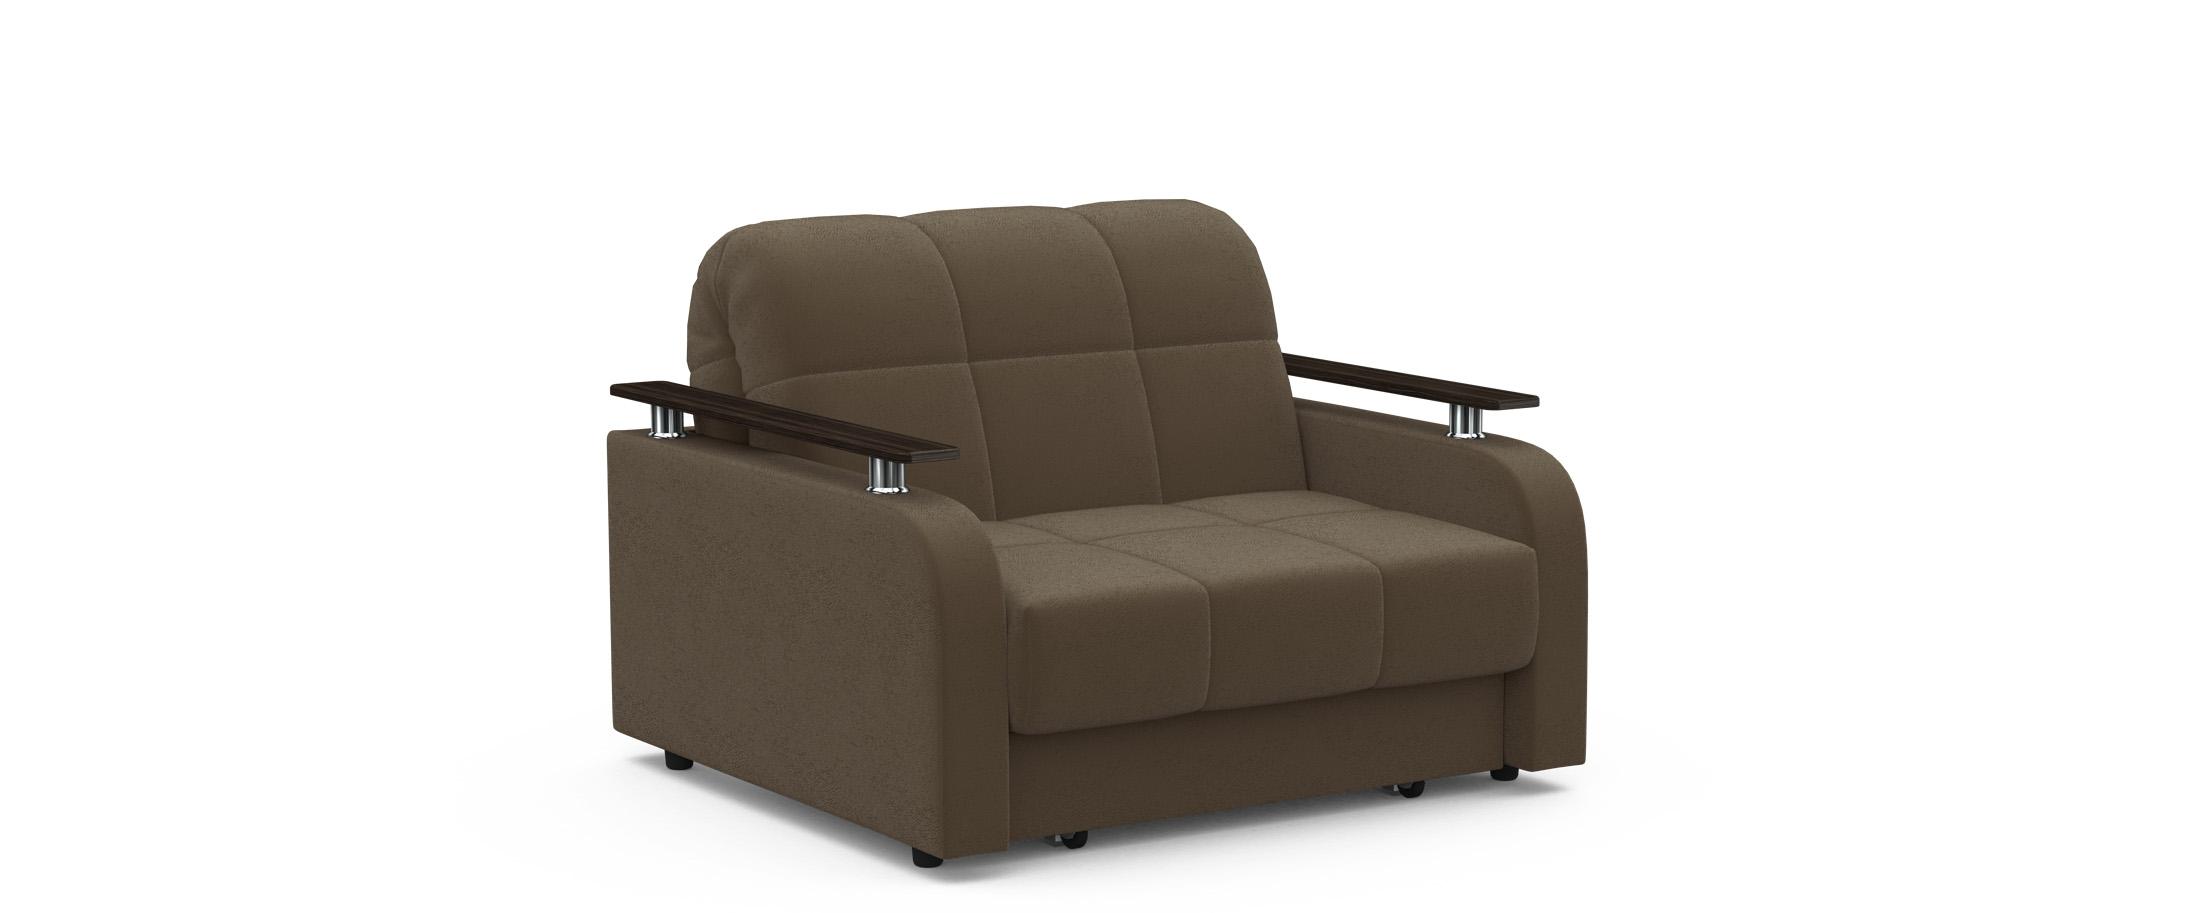 Кресло раскладное Карина 044Купить коричневое кресло-кровать Карина 044. Доставка от 1 дня. Подъём, сборка, вынос упаковки. Гарантия 18 месяцев. Интернет-магазин мебели MOON TRADE.RU<br>